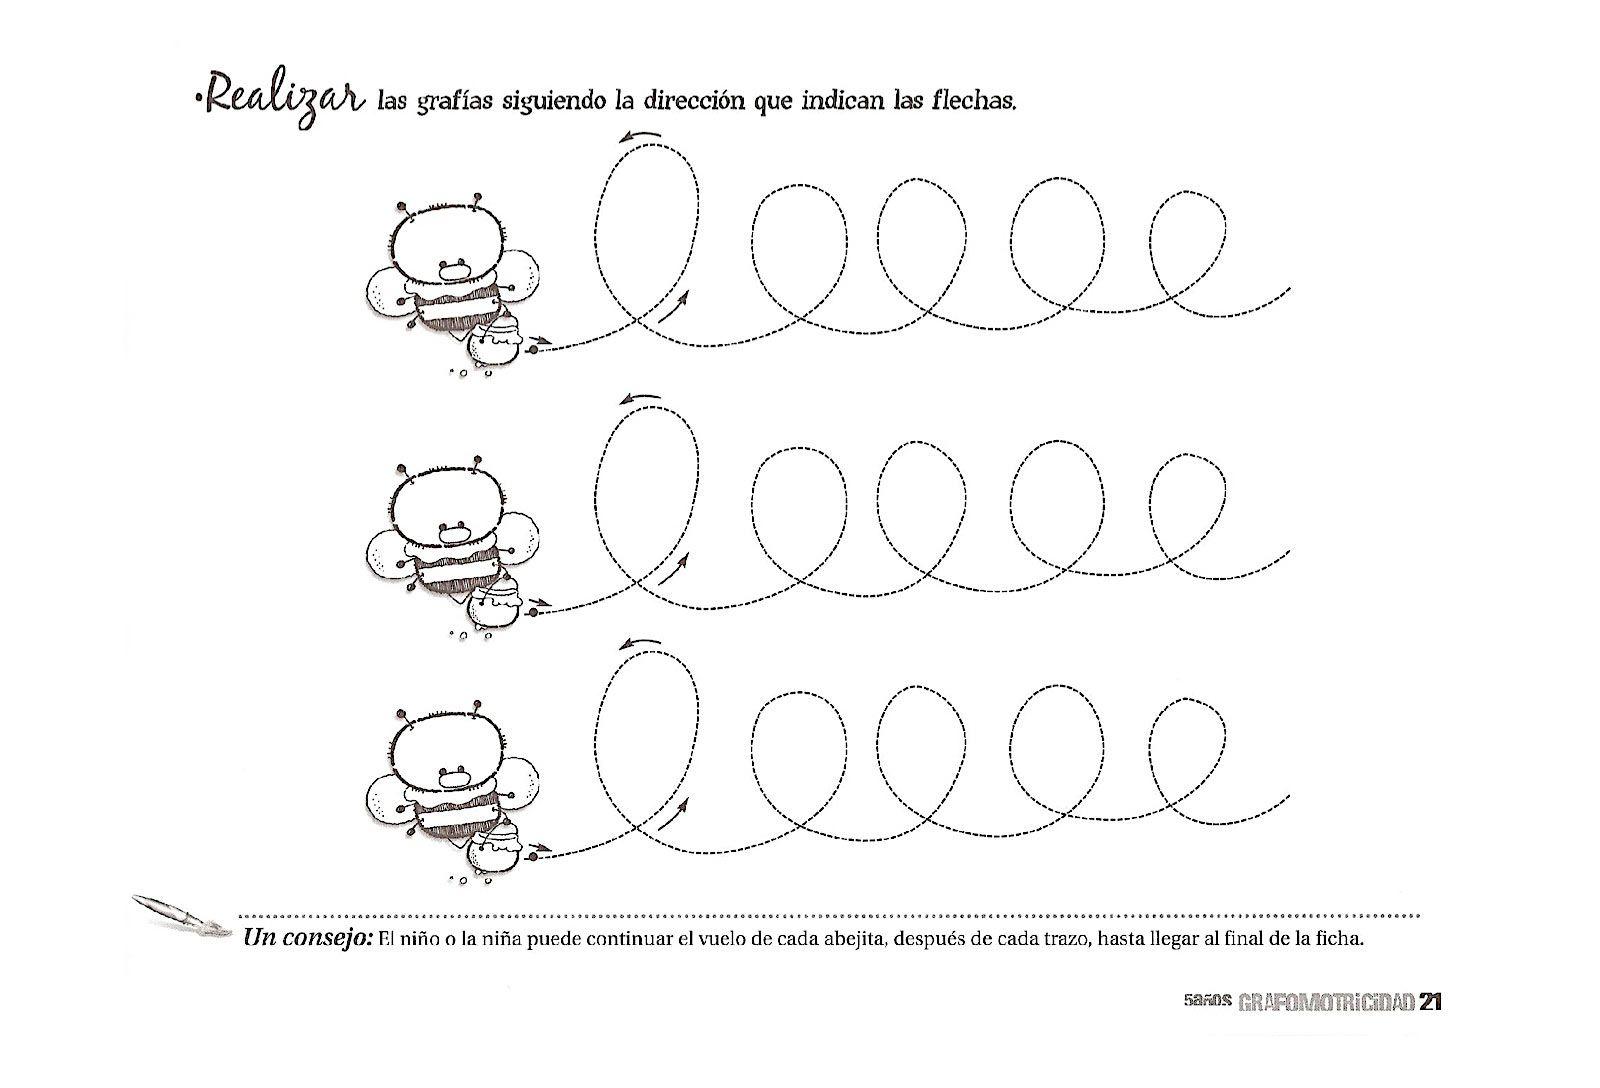 Fichas De Aprestamiento Para Ninos De 3 A 5 Anos Fichas Ninos De 3 Anos Ninos De 5 Anos